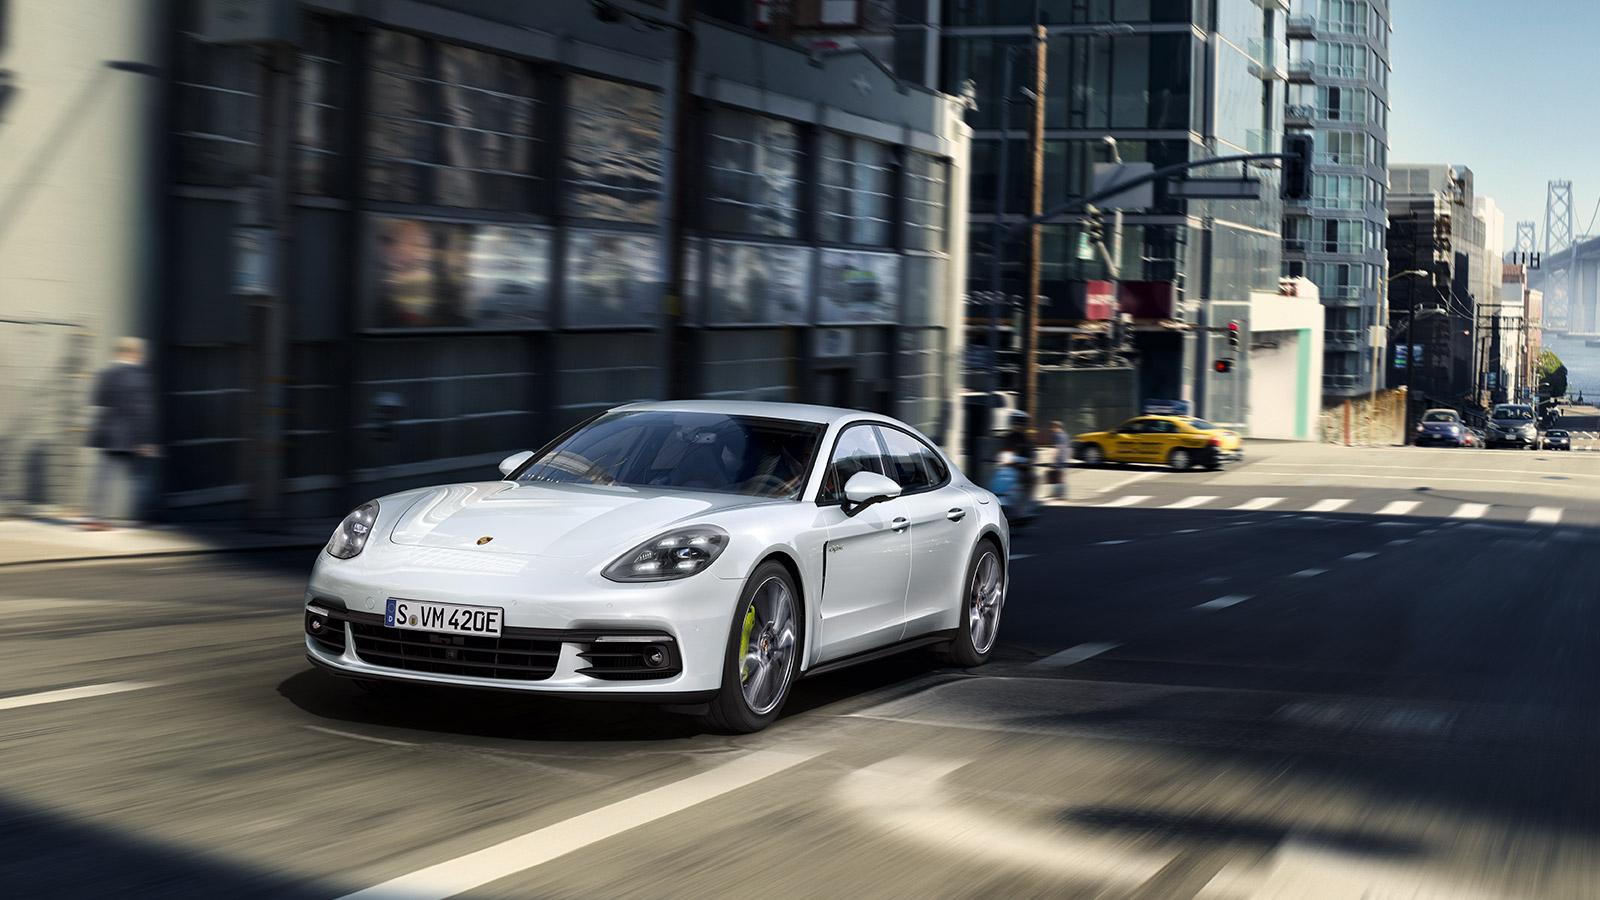 Porsche Fahrmodi